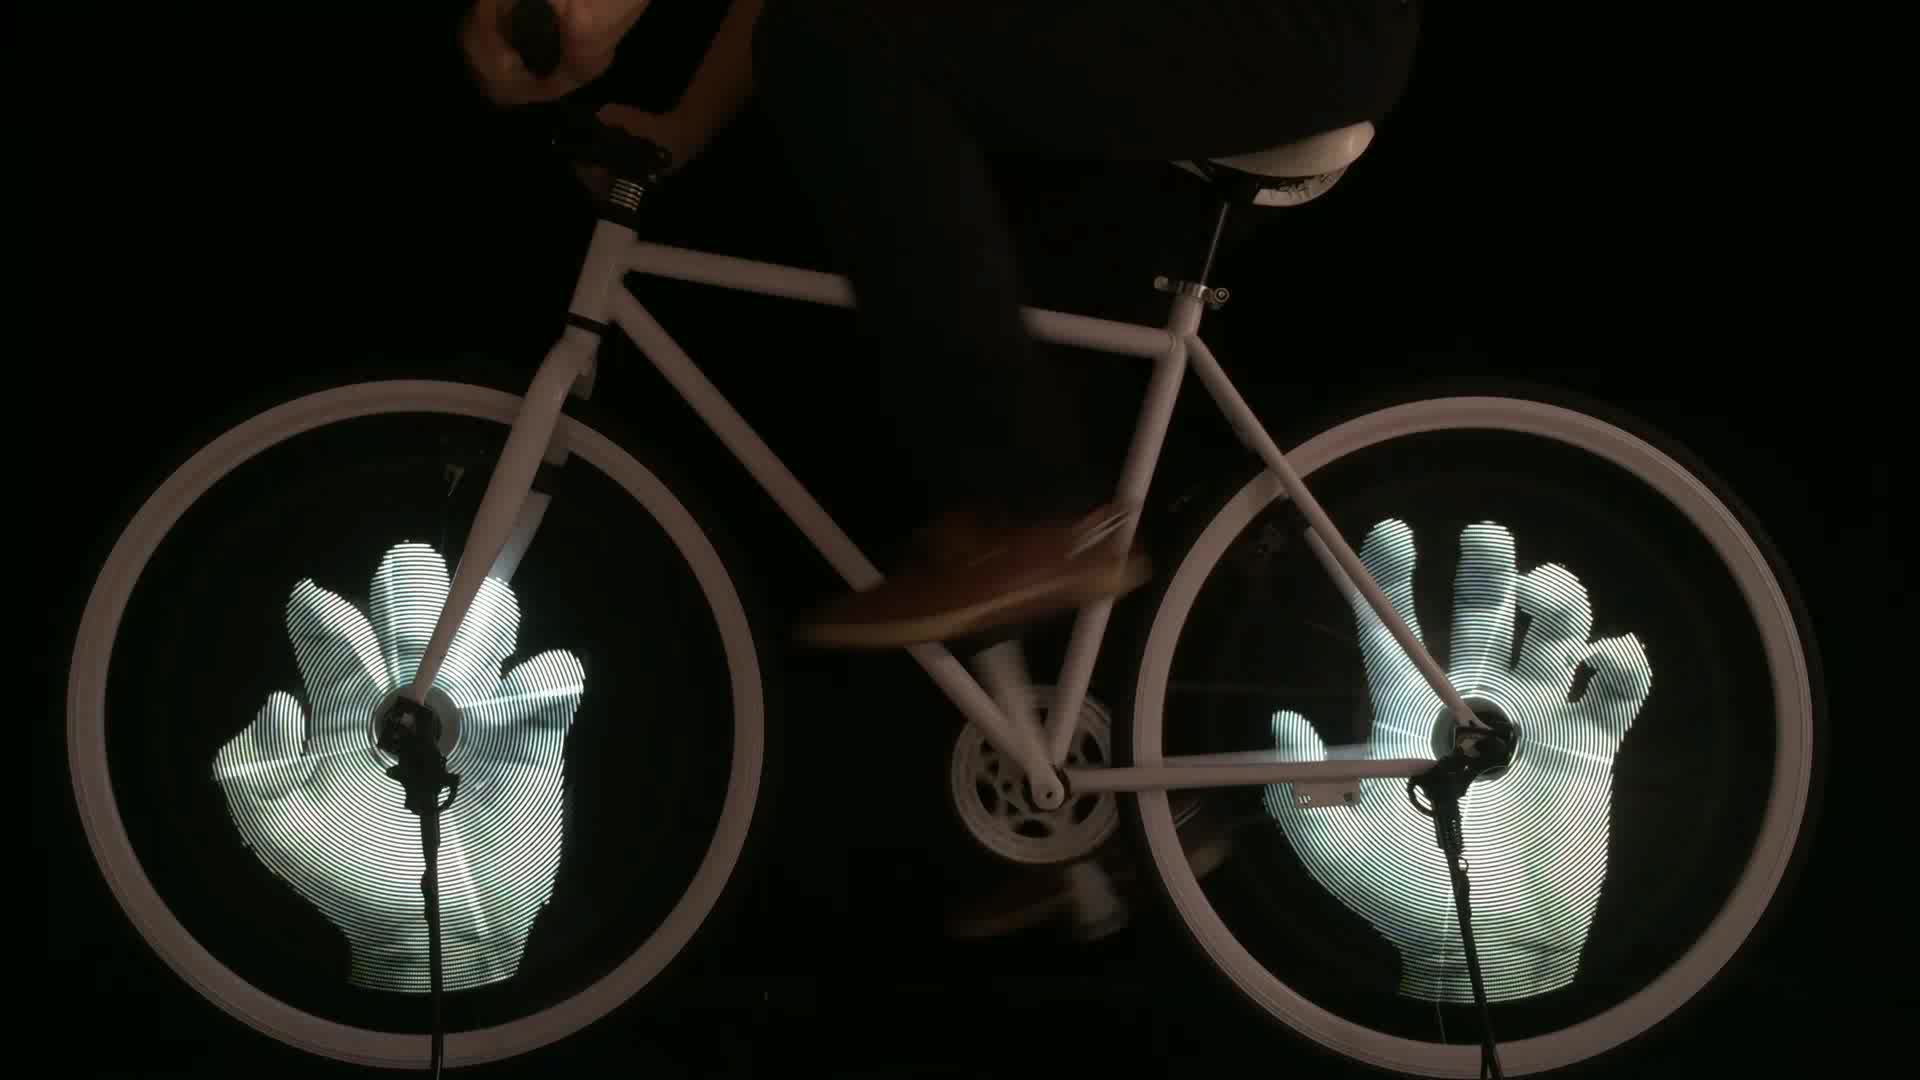 スーパークール高品質led懐中電灯強力な屋外でledライト用バイクホイール